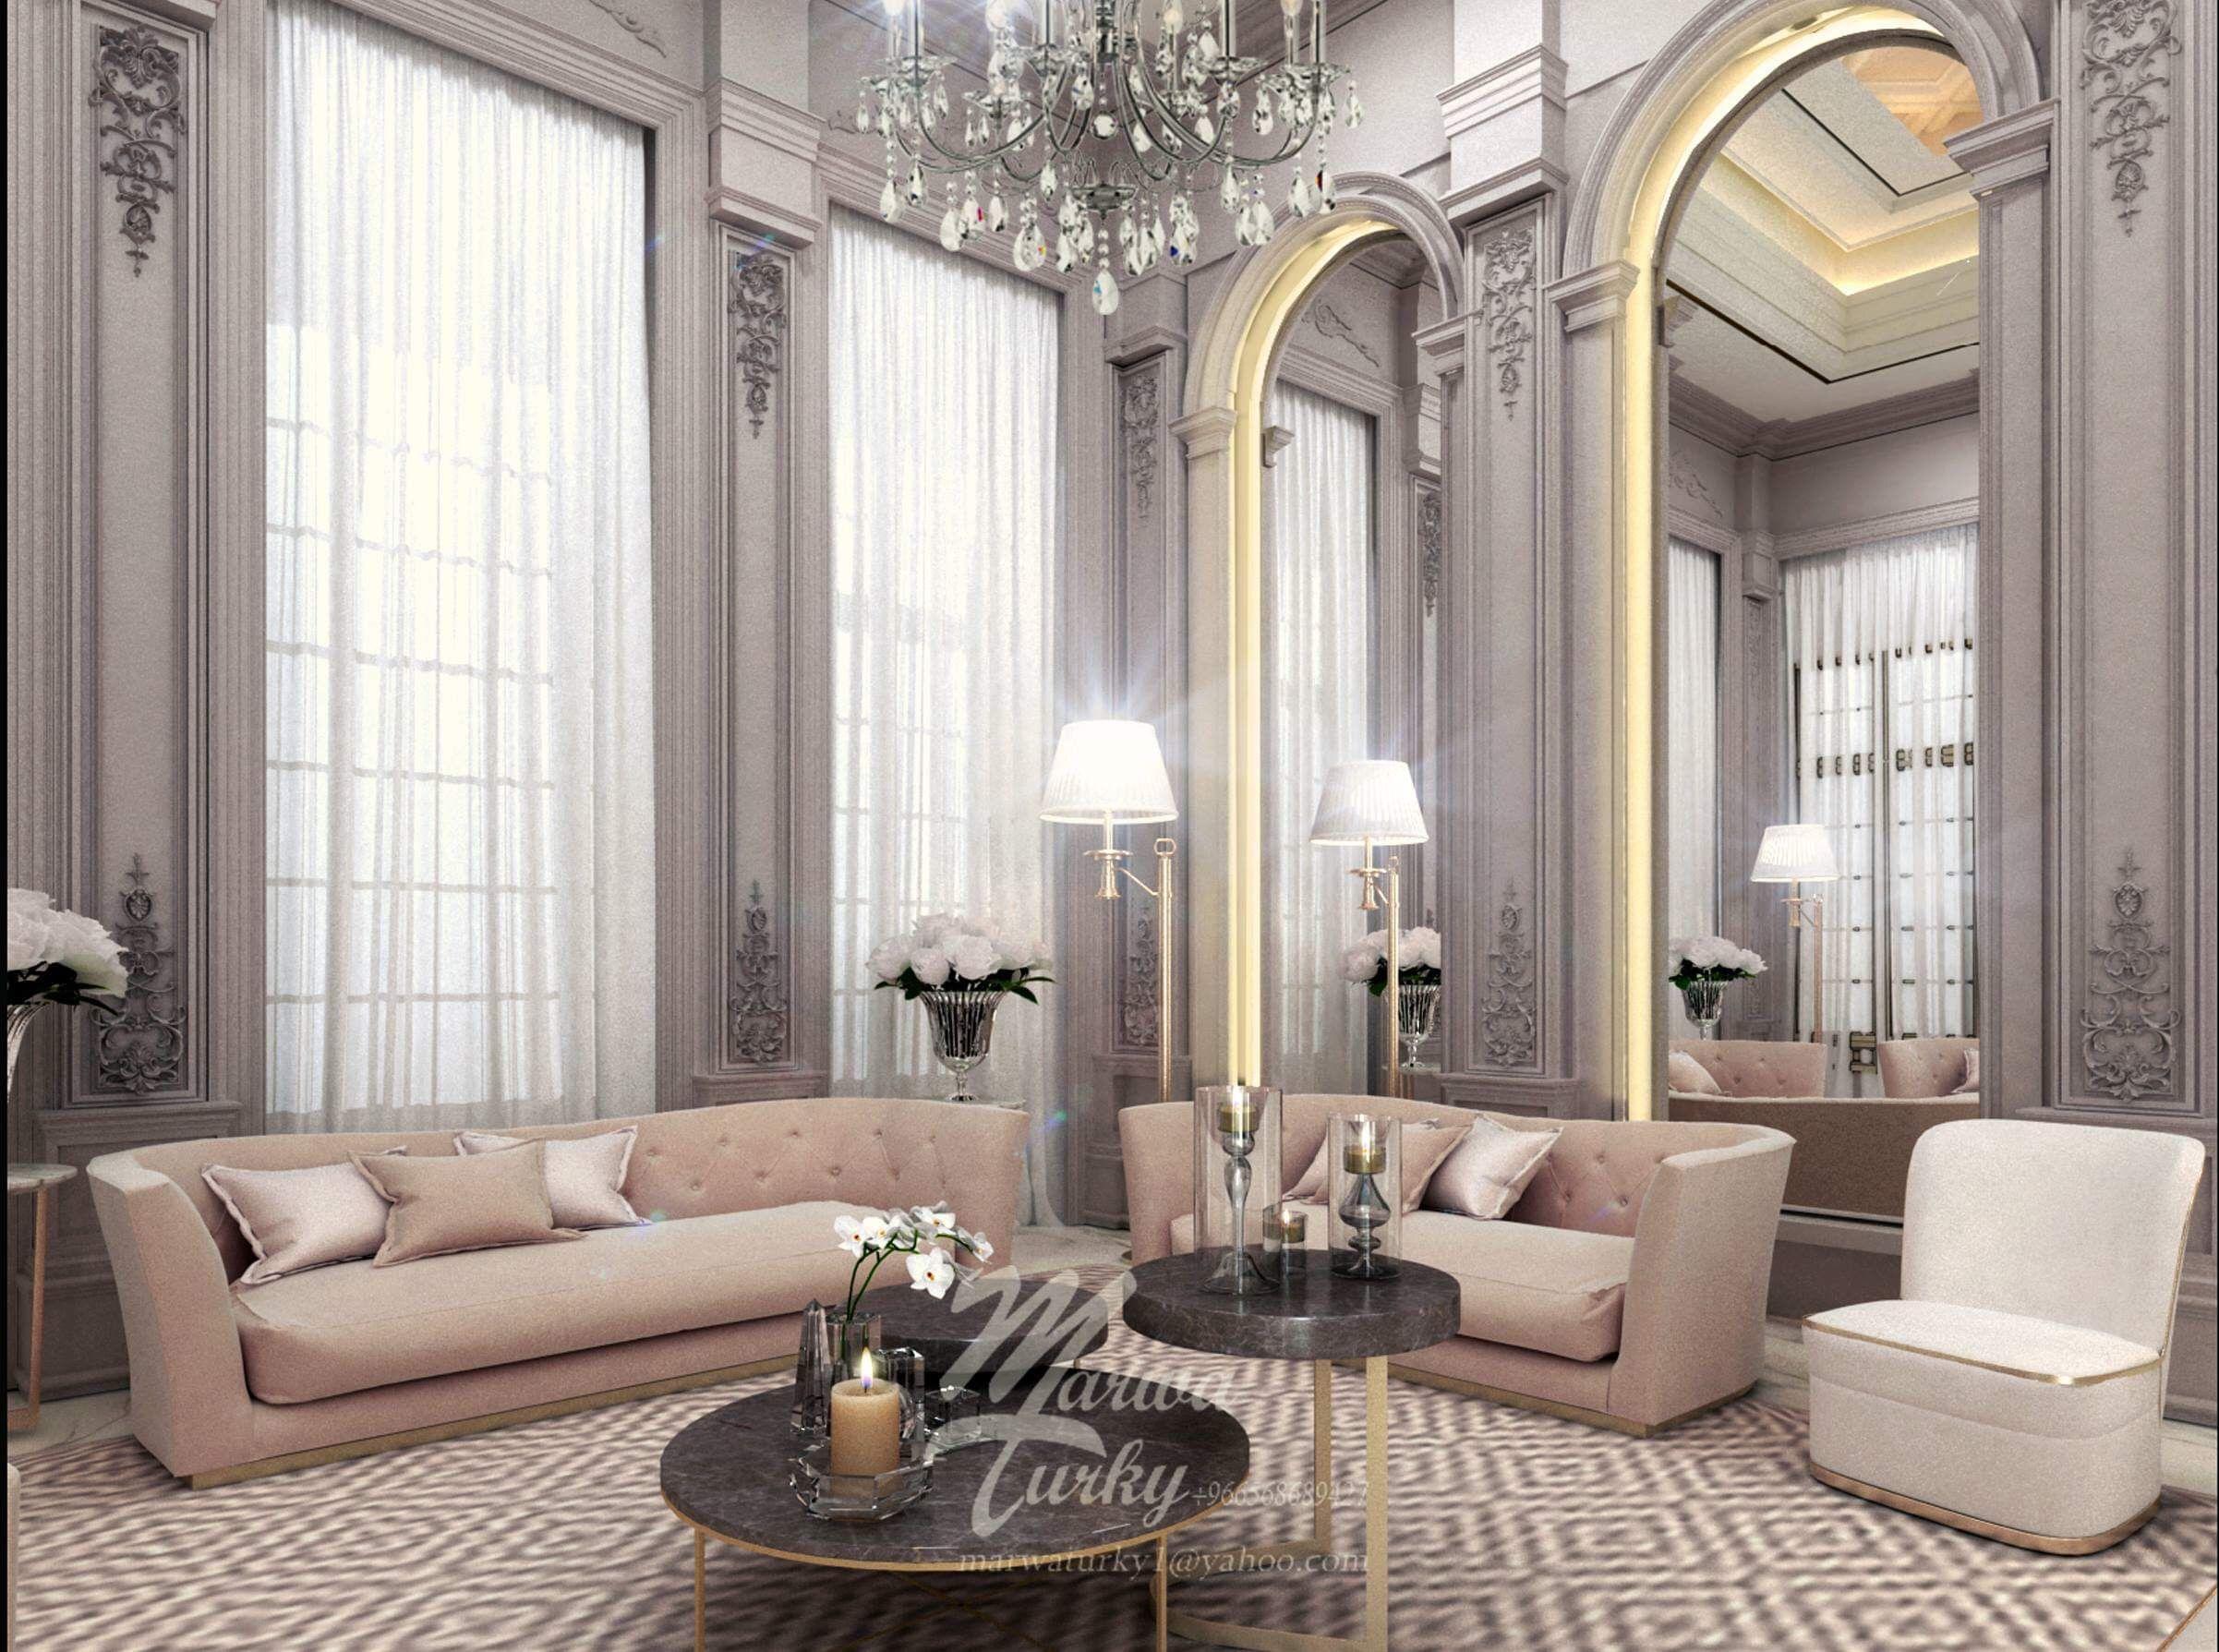 مجلس نساء Remodel Bedroom Home House